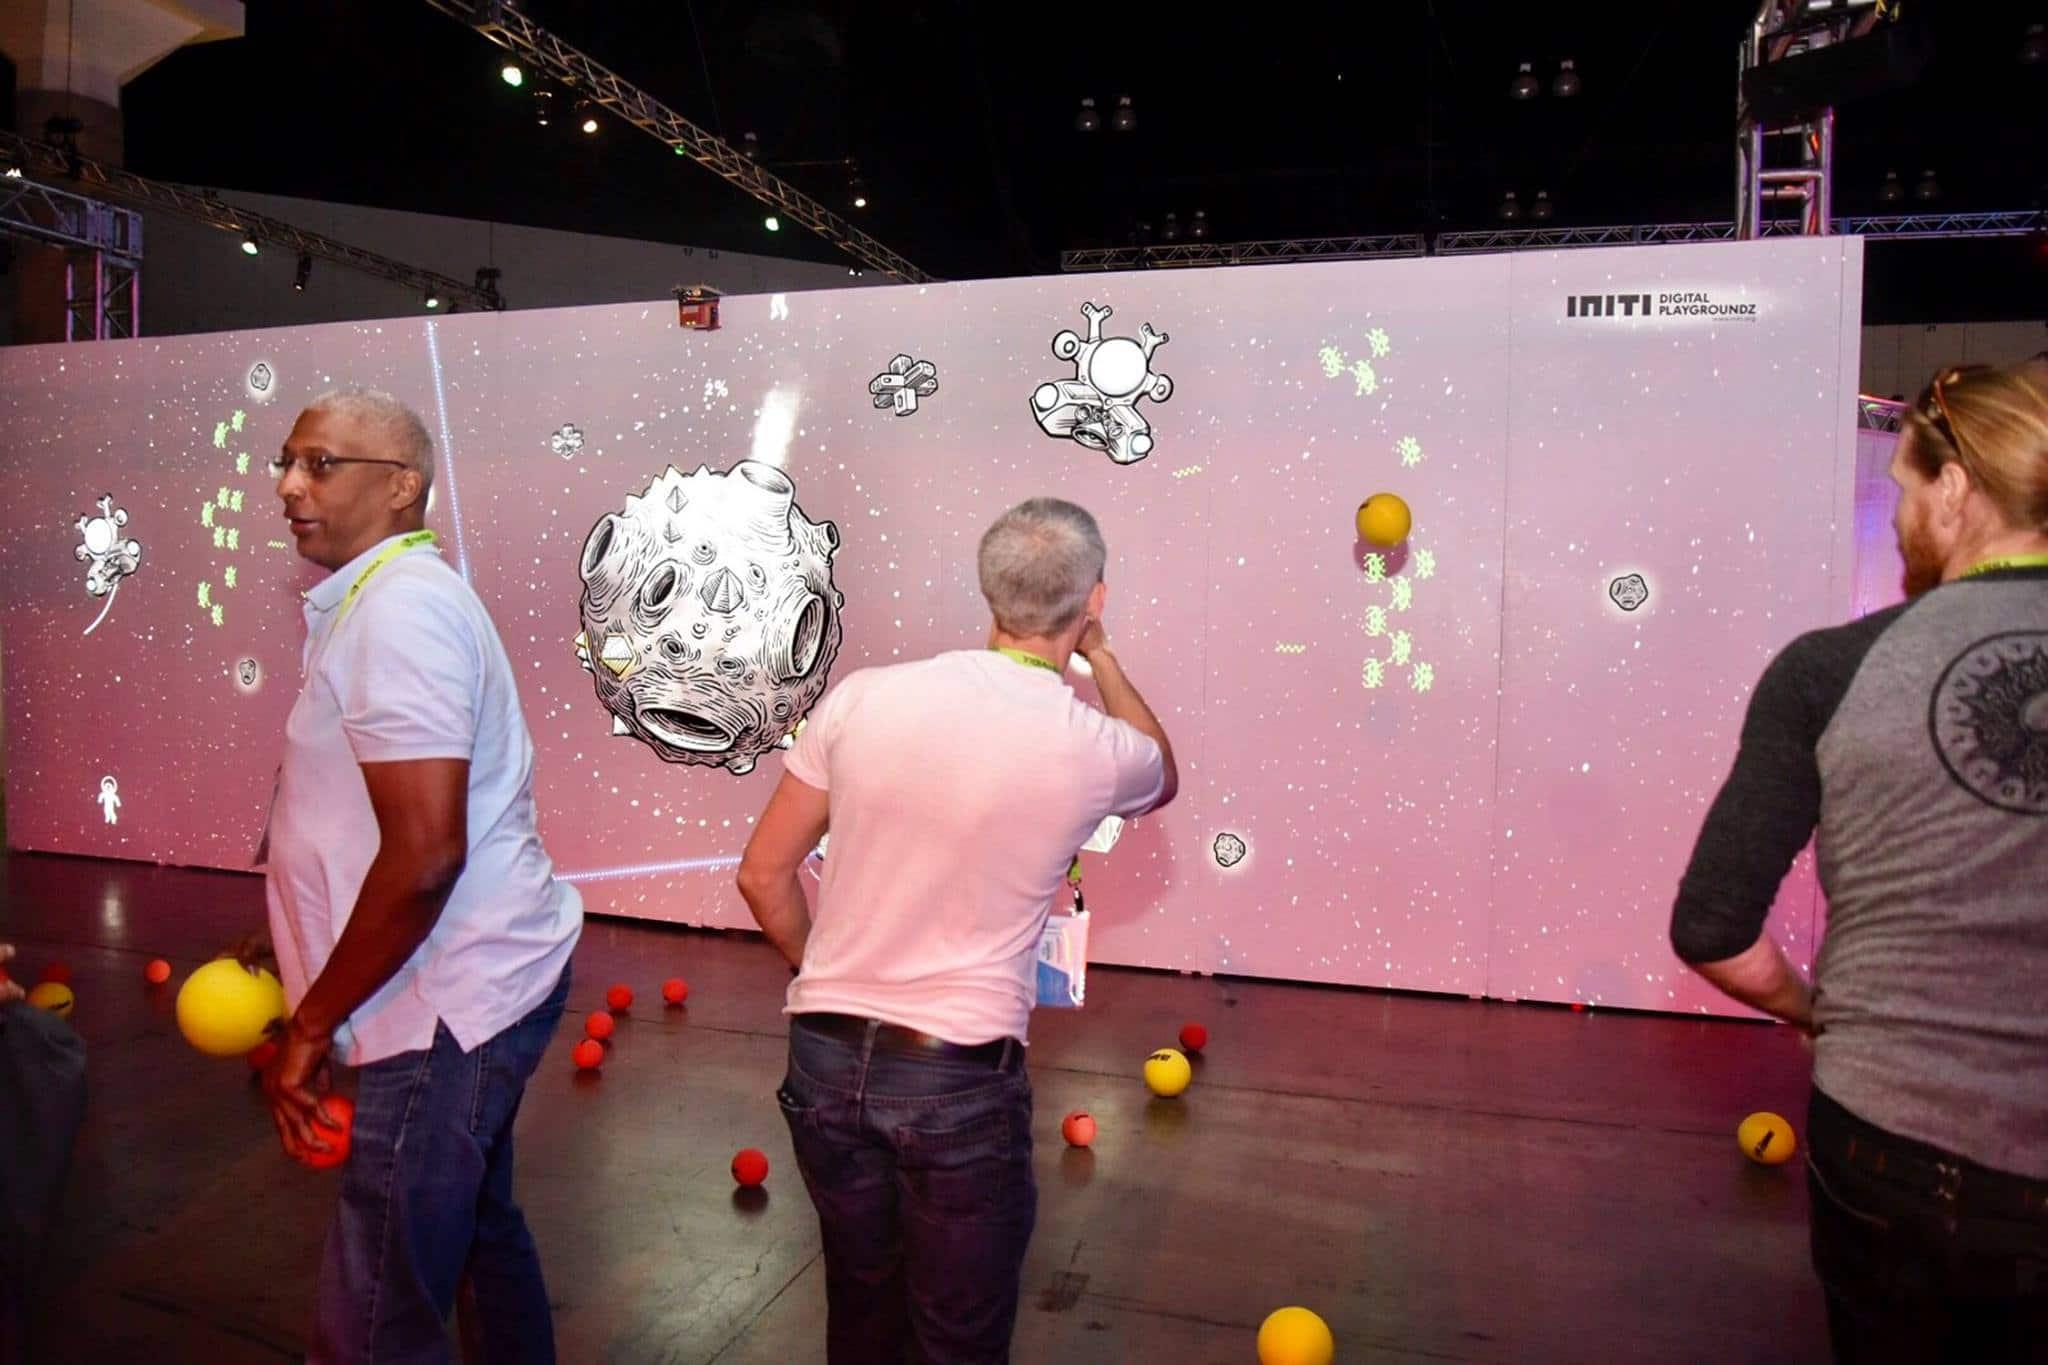 ArticleMursInteractifs-Image01 Quand les murs parlent et deviennent interactifs